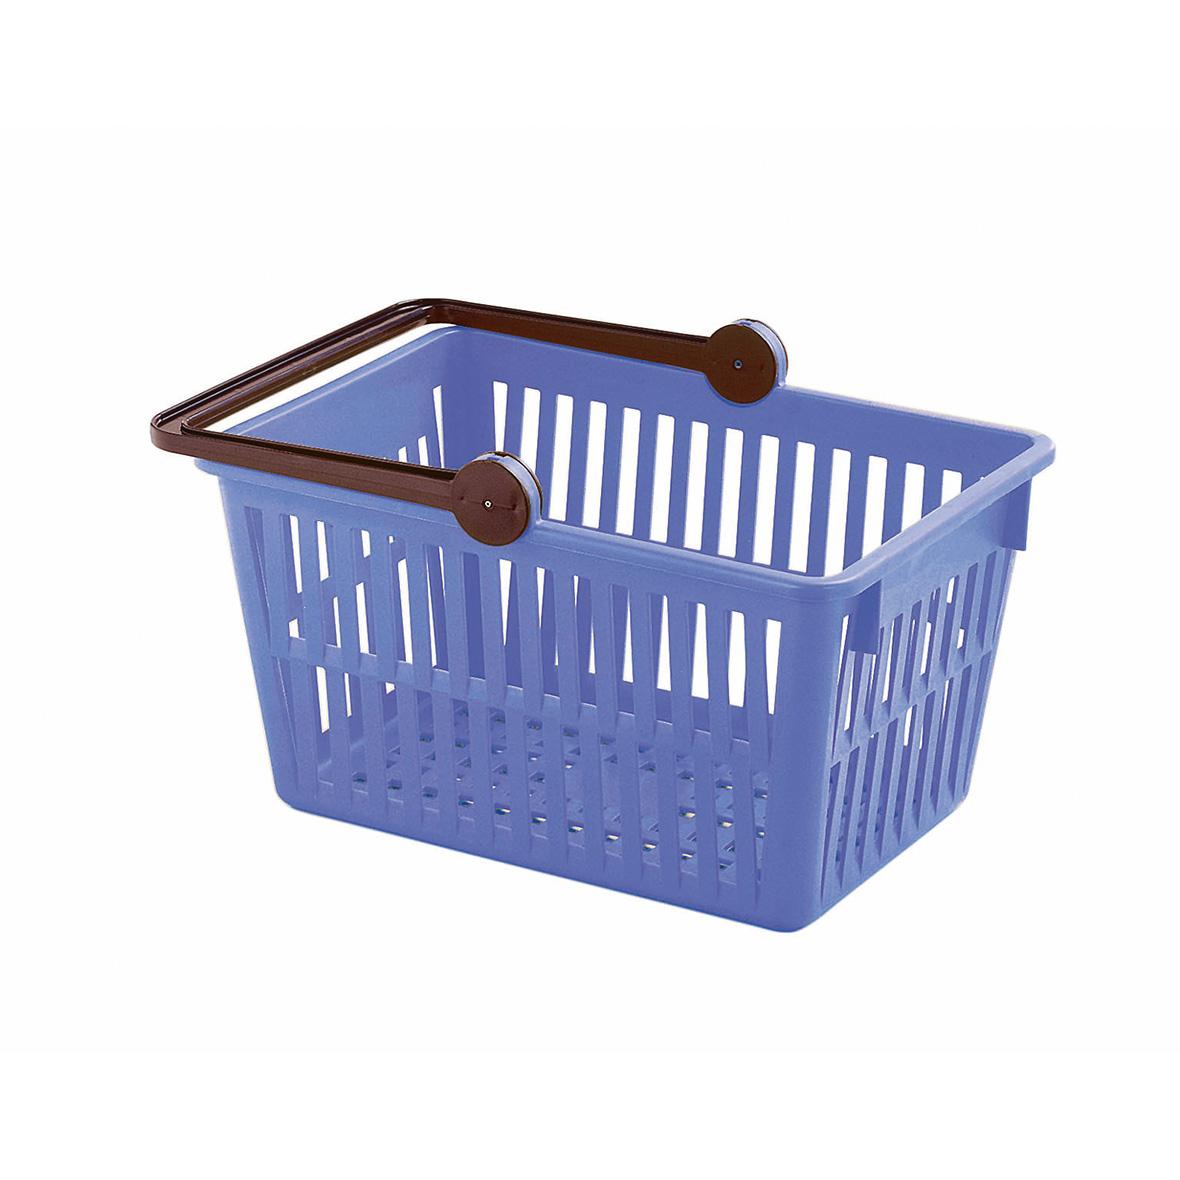 Einkaufskorb Farbe blau von Stöckli